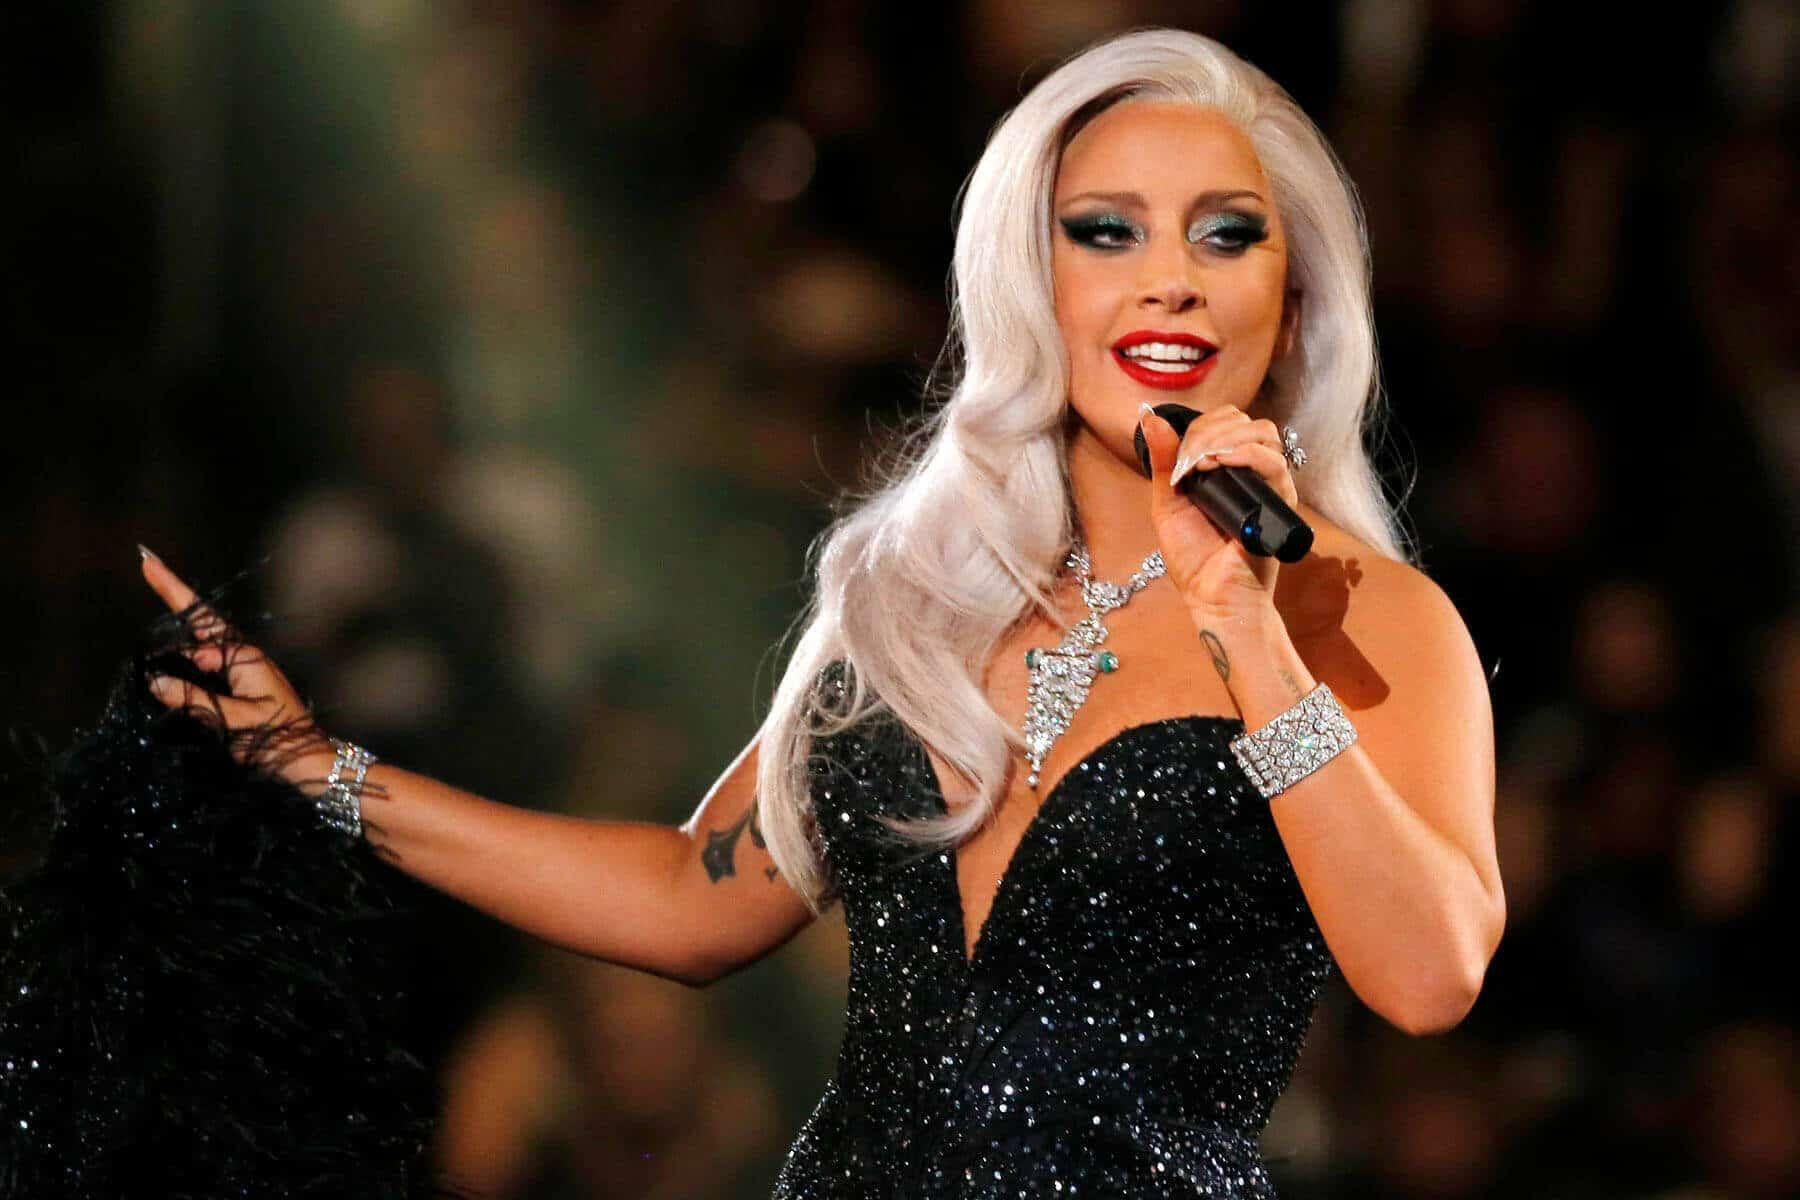 Lady Gaga singing in a black dress